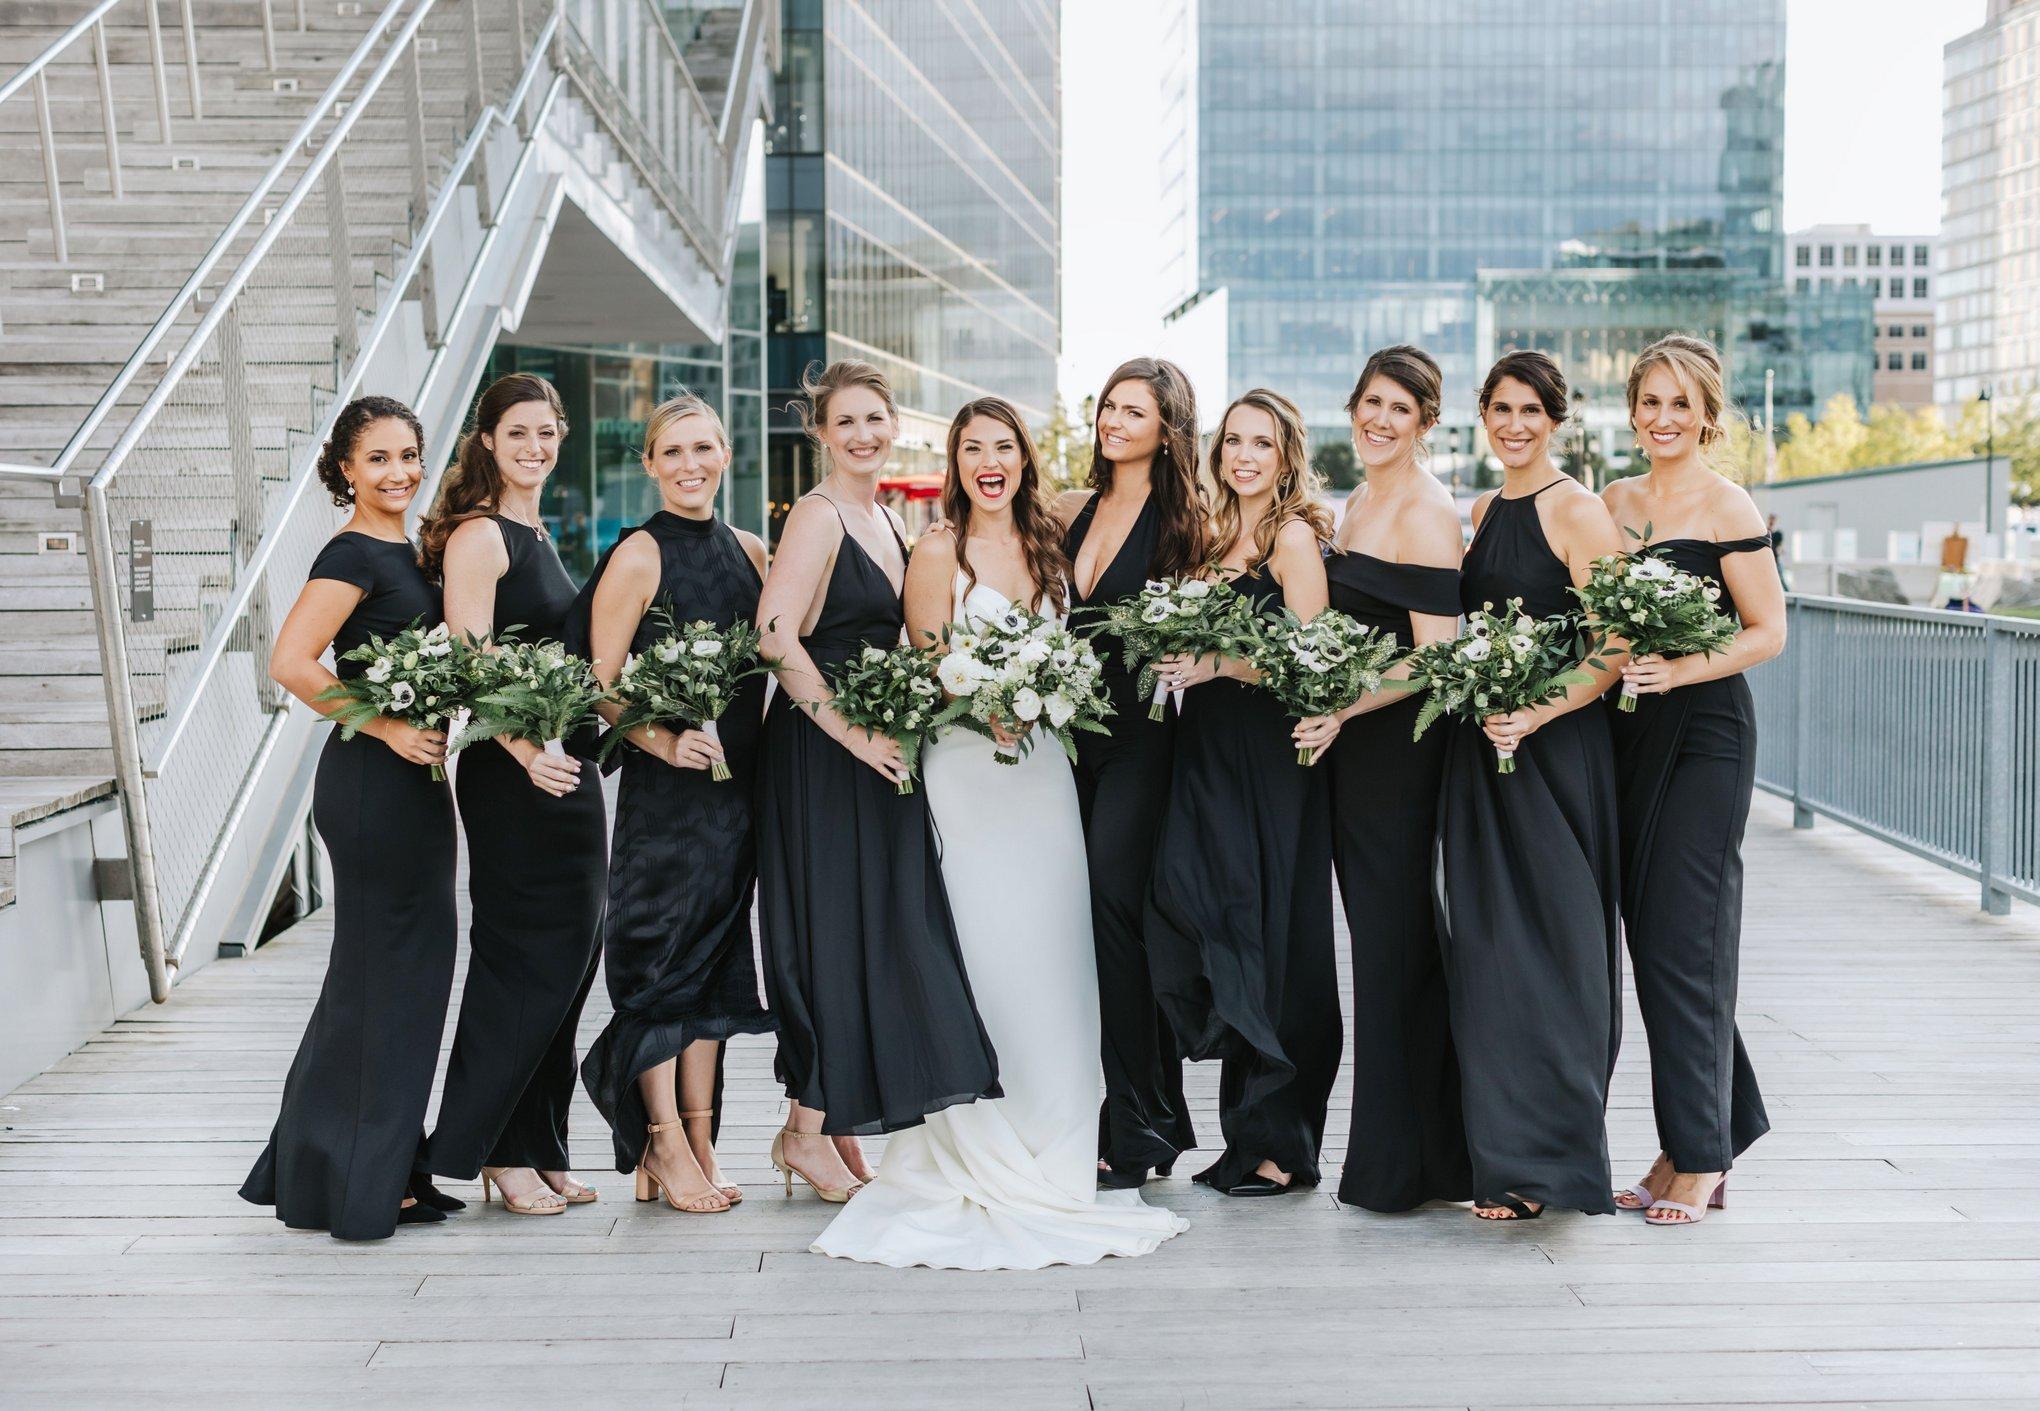 ICA-Institute-Contemporary-Art-Boston-Museum-Wedding-025.JPG